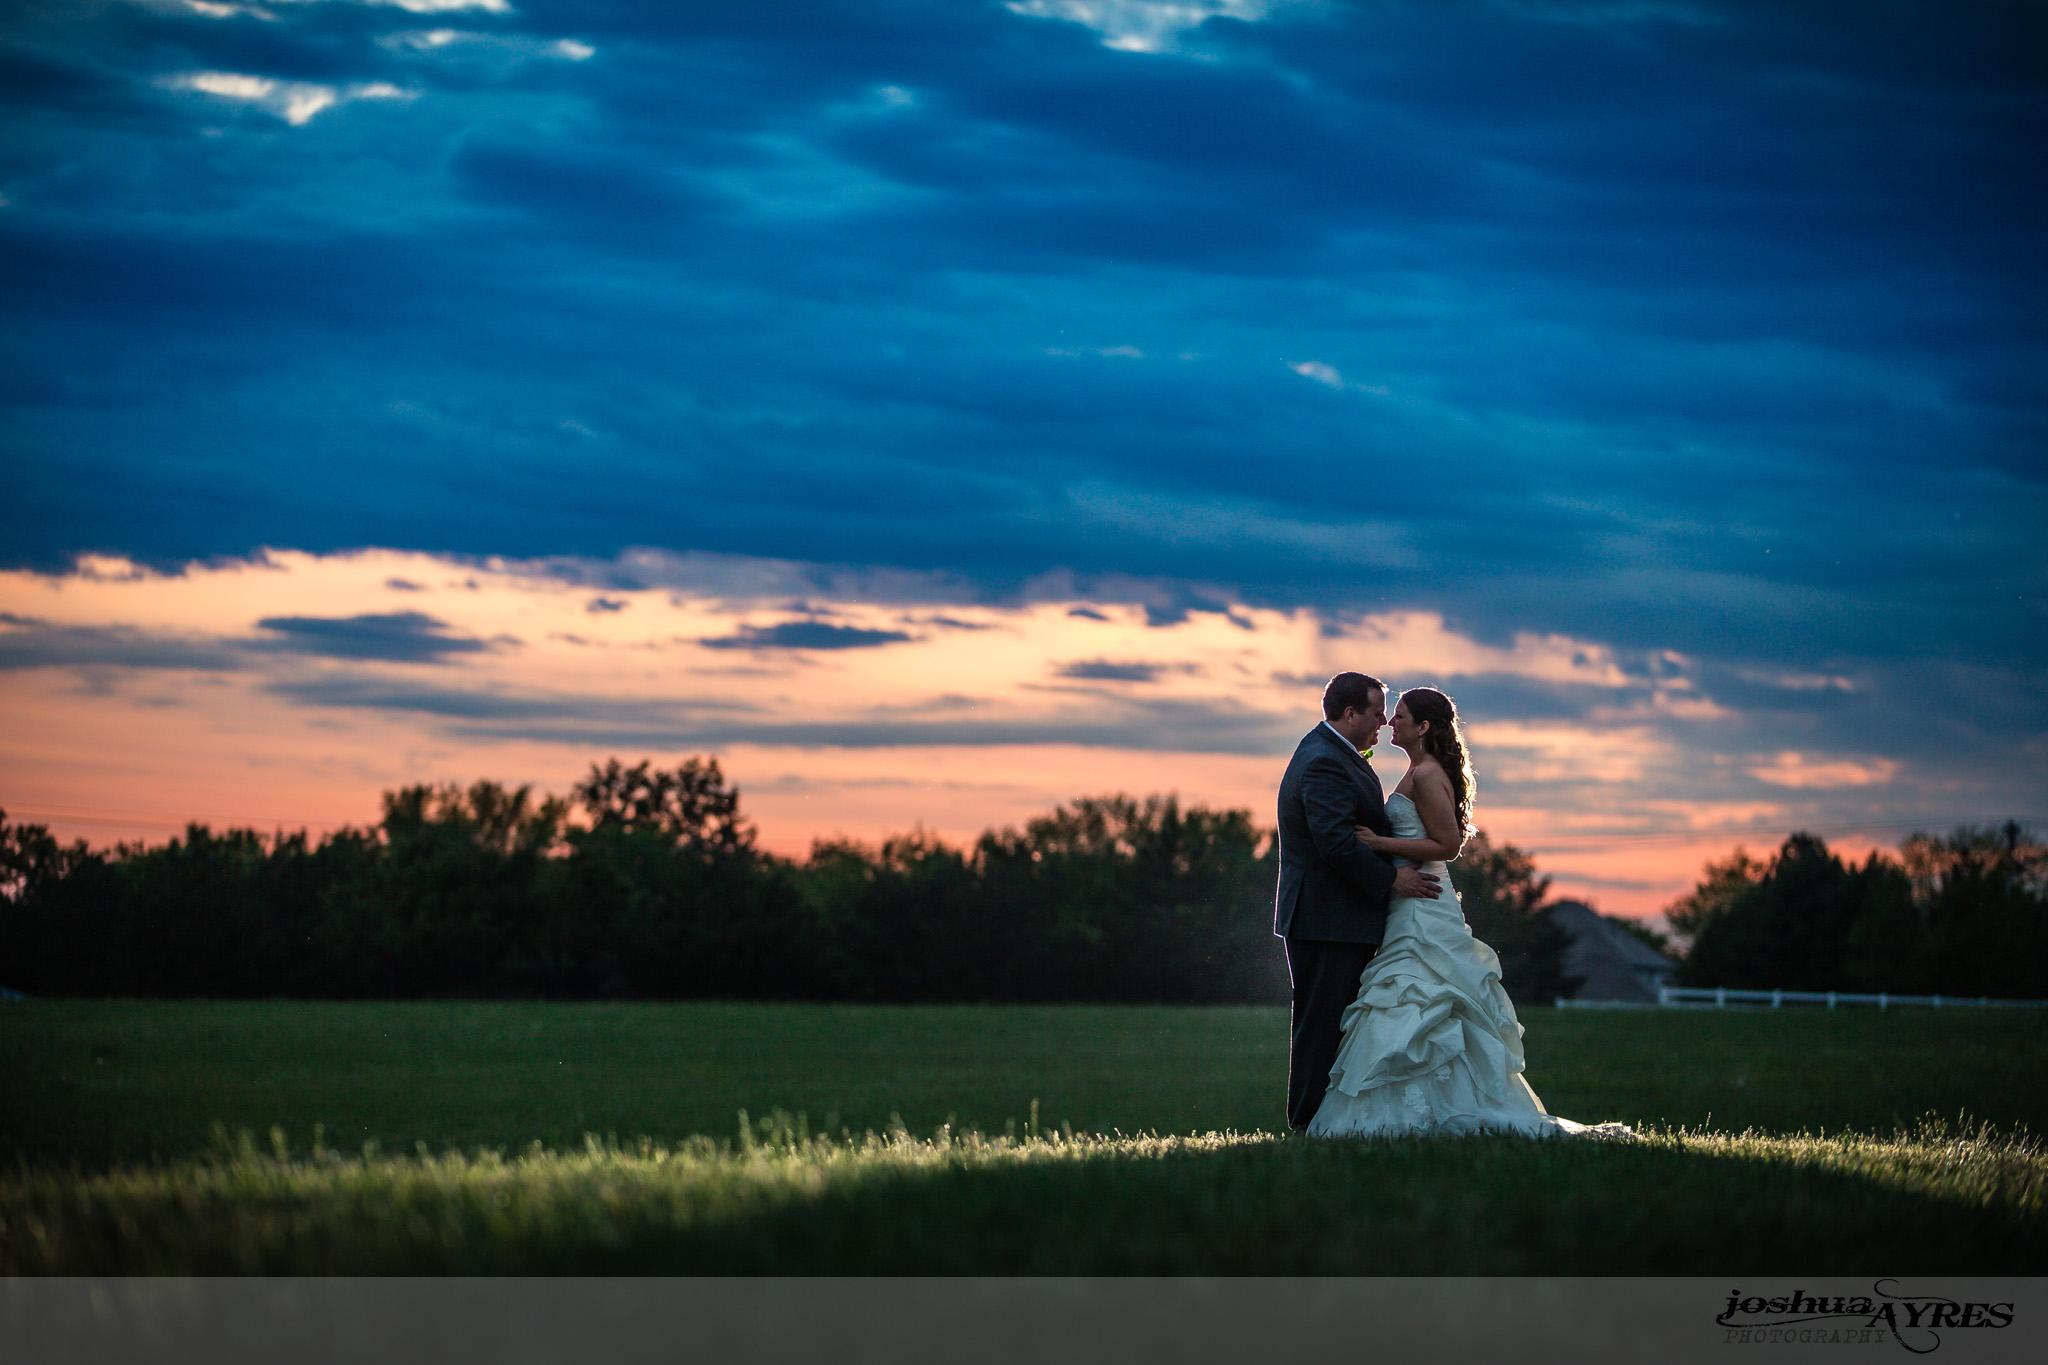 2014-05-17-Wedding-Niedens-086-3293362493-O.jpg